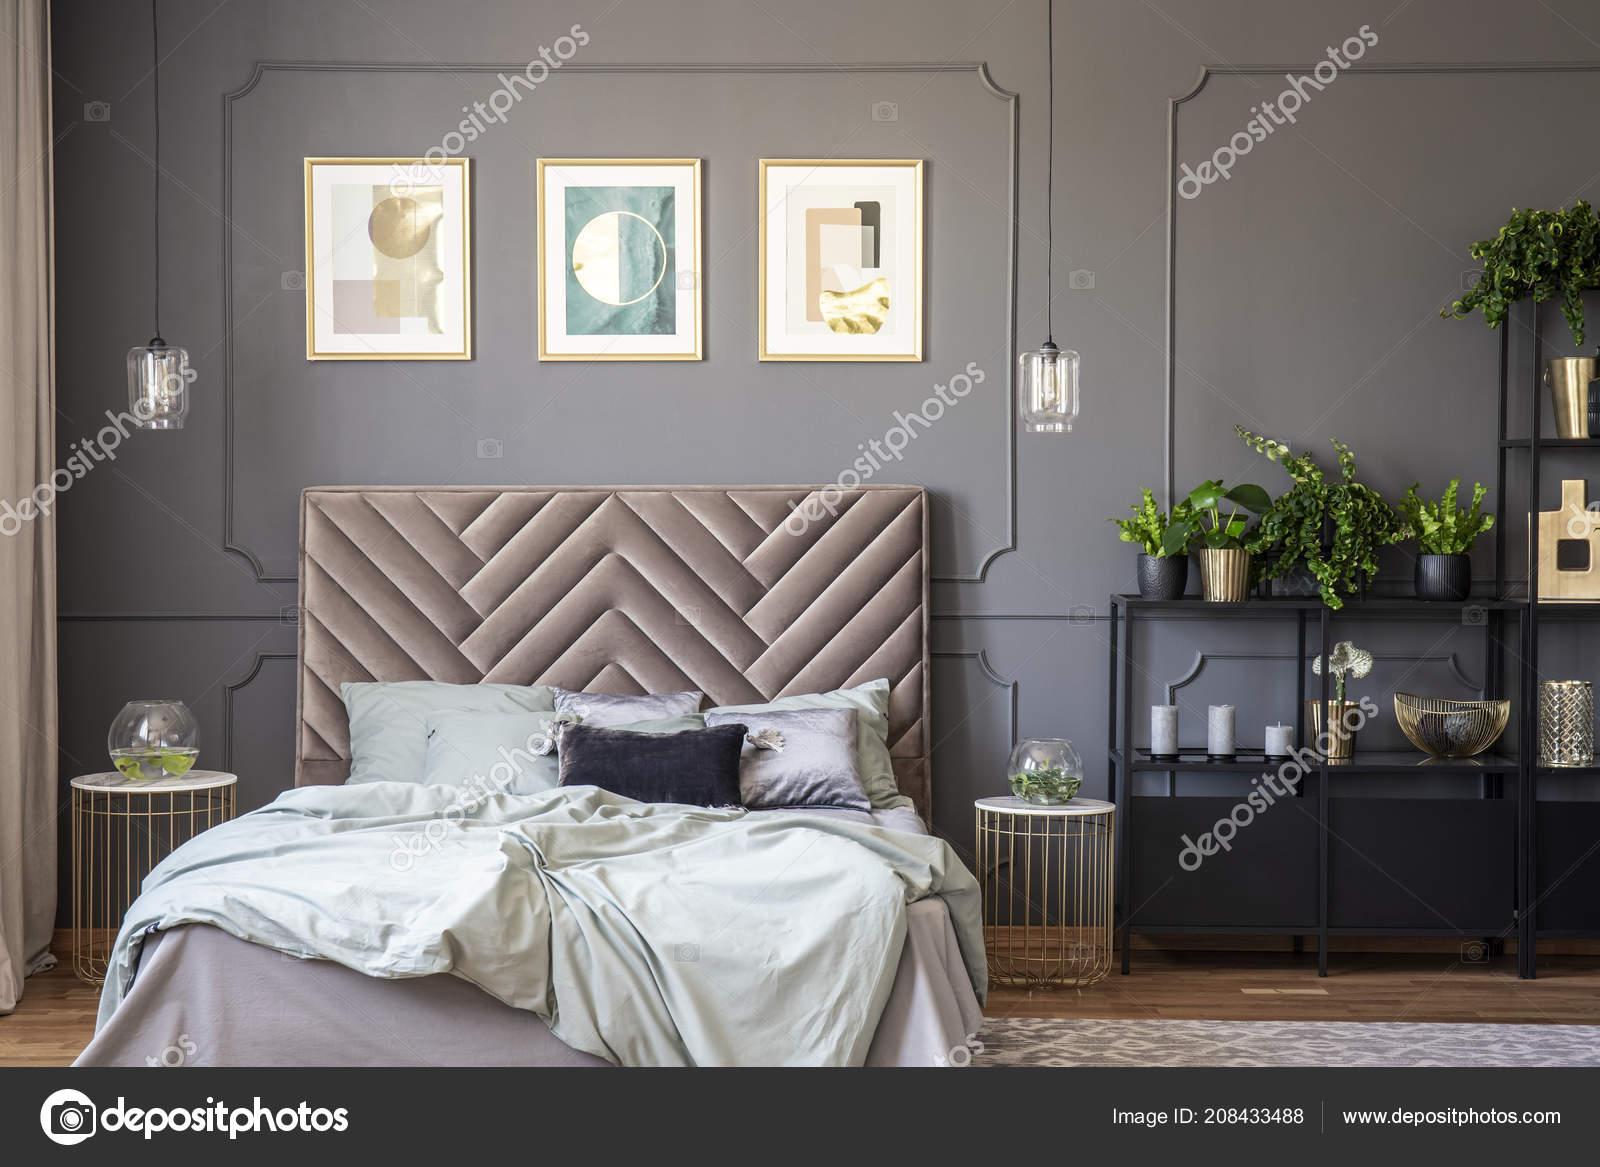 Camera Da Letto Con Boiserie : Interno camera letto grigio scuro con boiserie sul muro letto u2014 foto